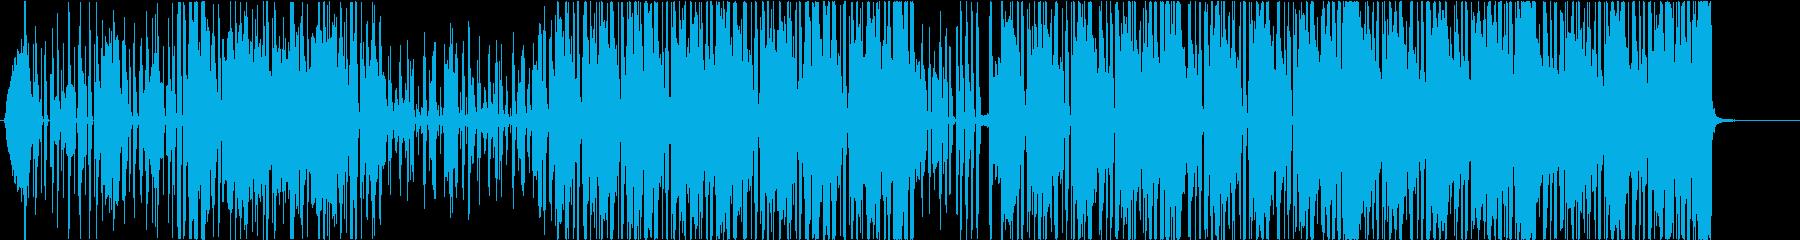 【80年代風】お洒落エレクトロファンクの再生済みの波形